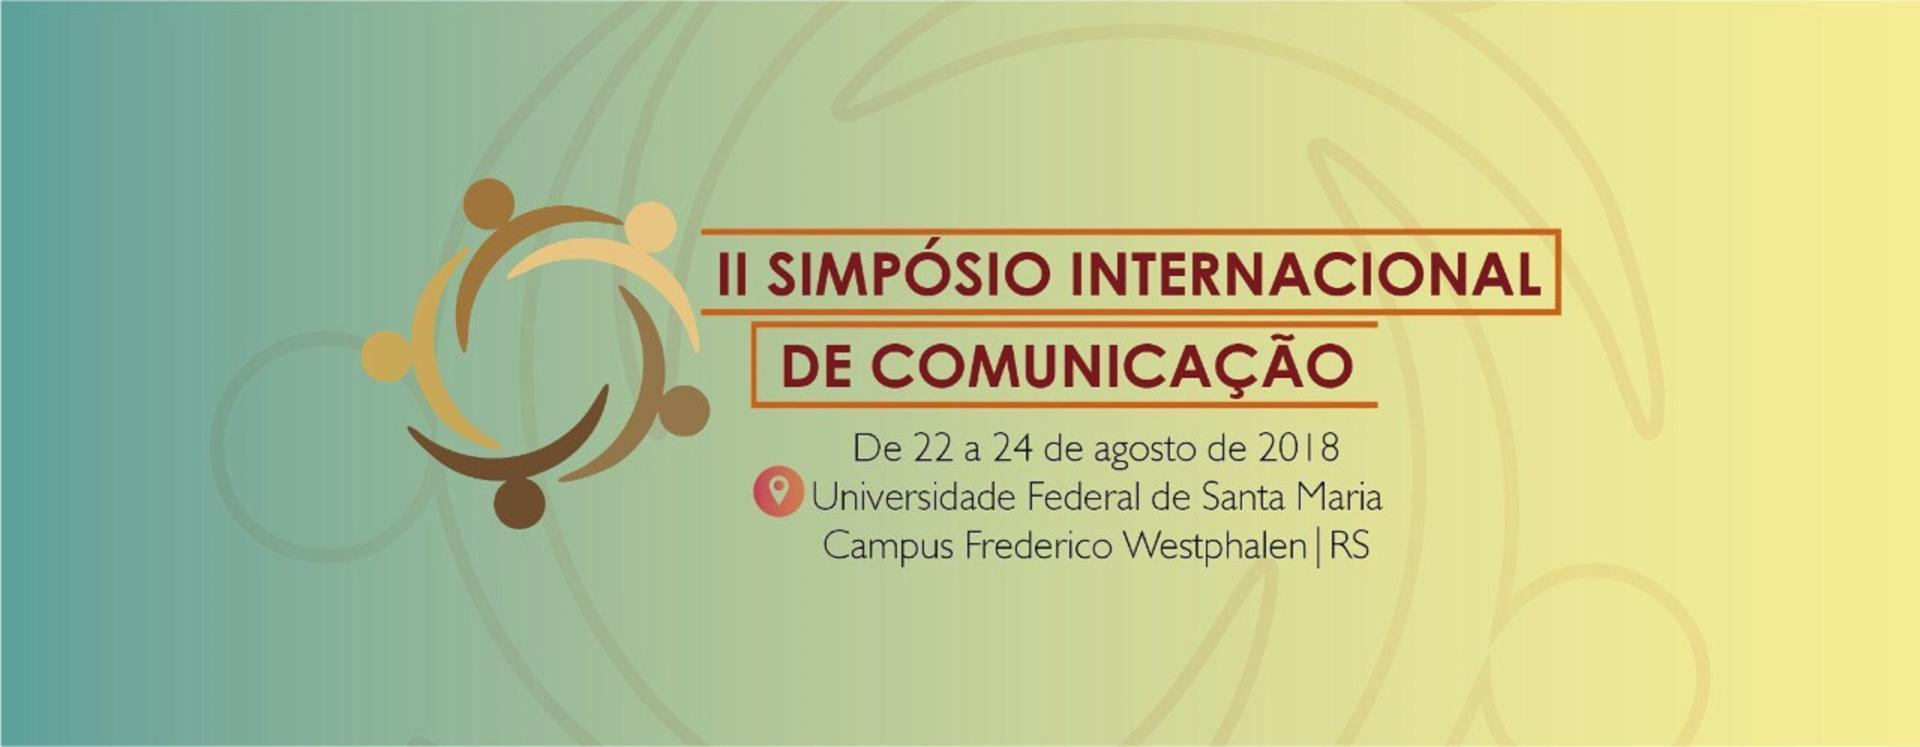 Banner colorido com o nome do Simpósio Internacional de Comunicação